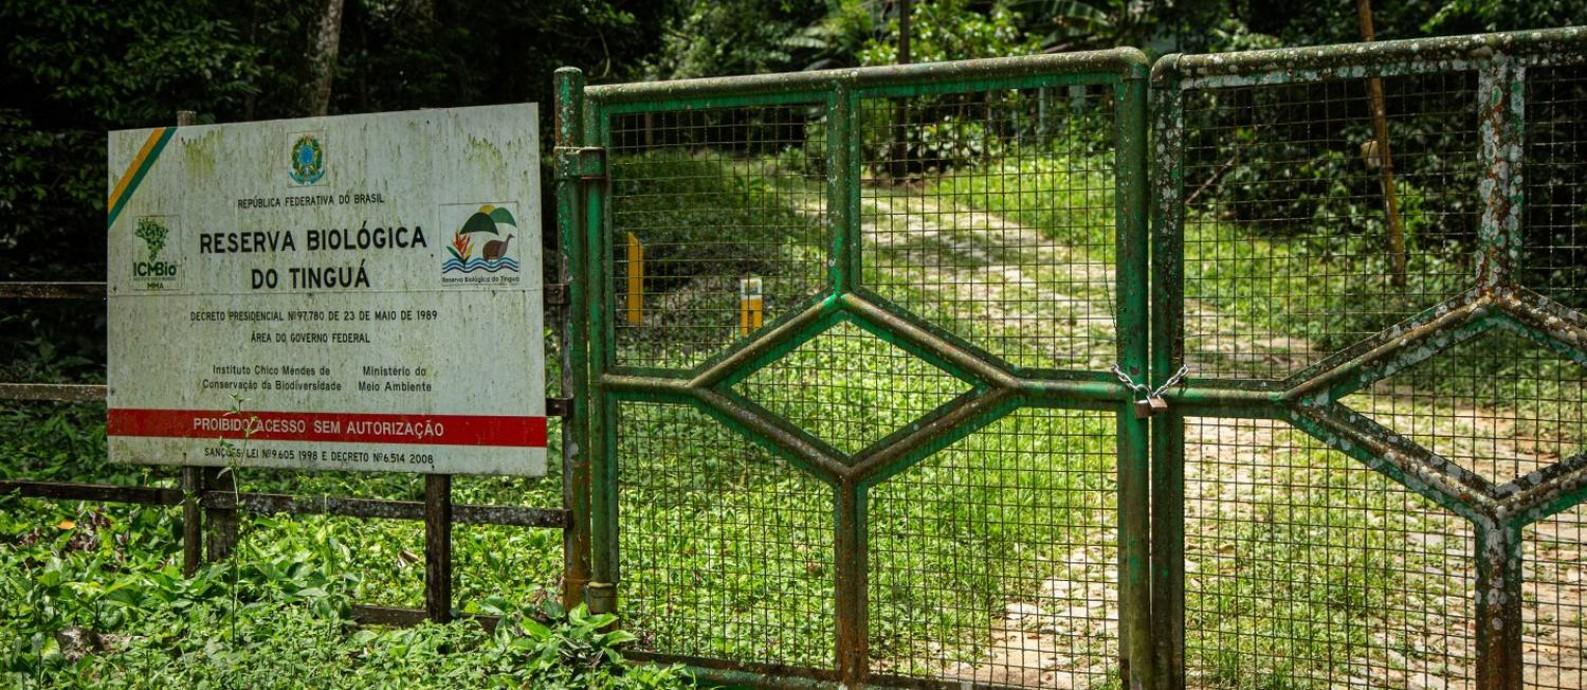 Fechamento da sede da Reserva Biológica (Rebio) do Tinguá pode deixa área em risco ambiental Foto: Hermes de Paula / Agencia O Glob / Agência O Globo